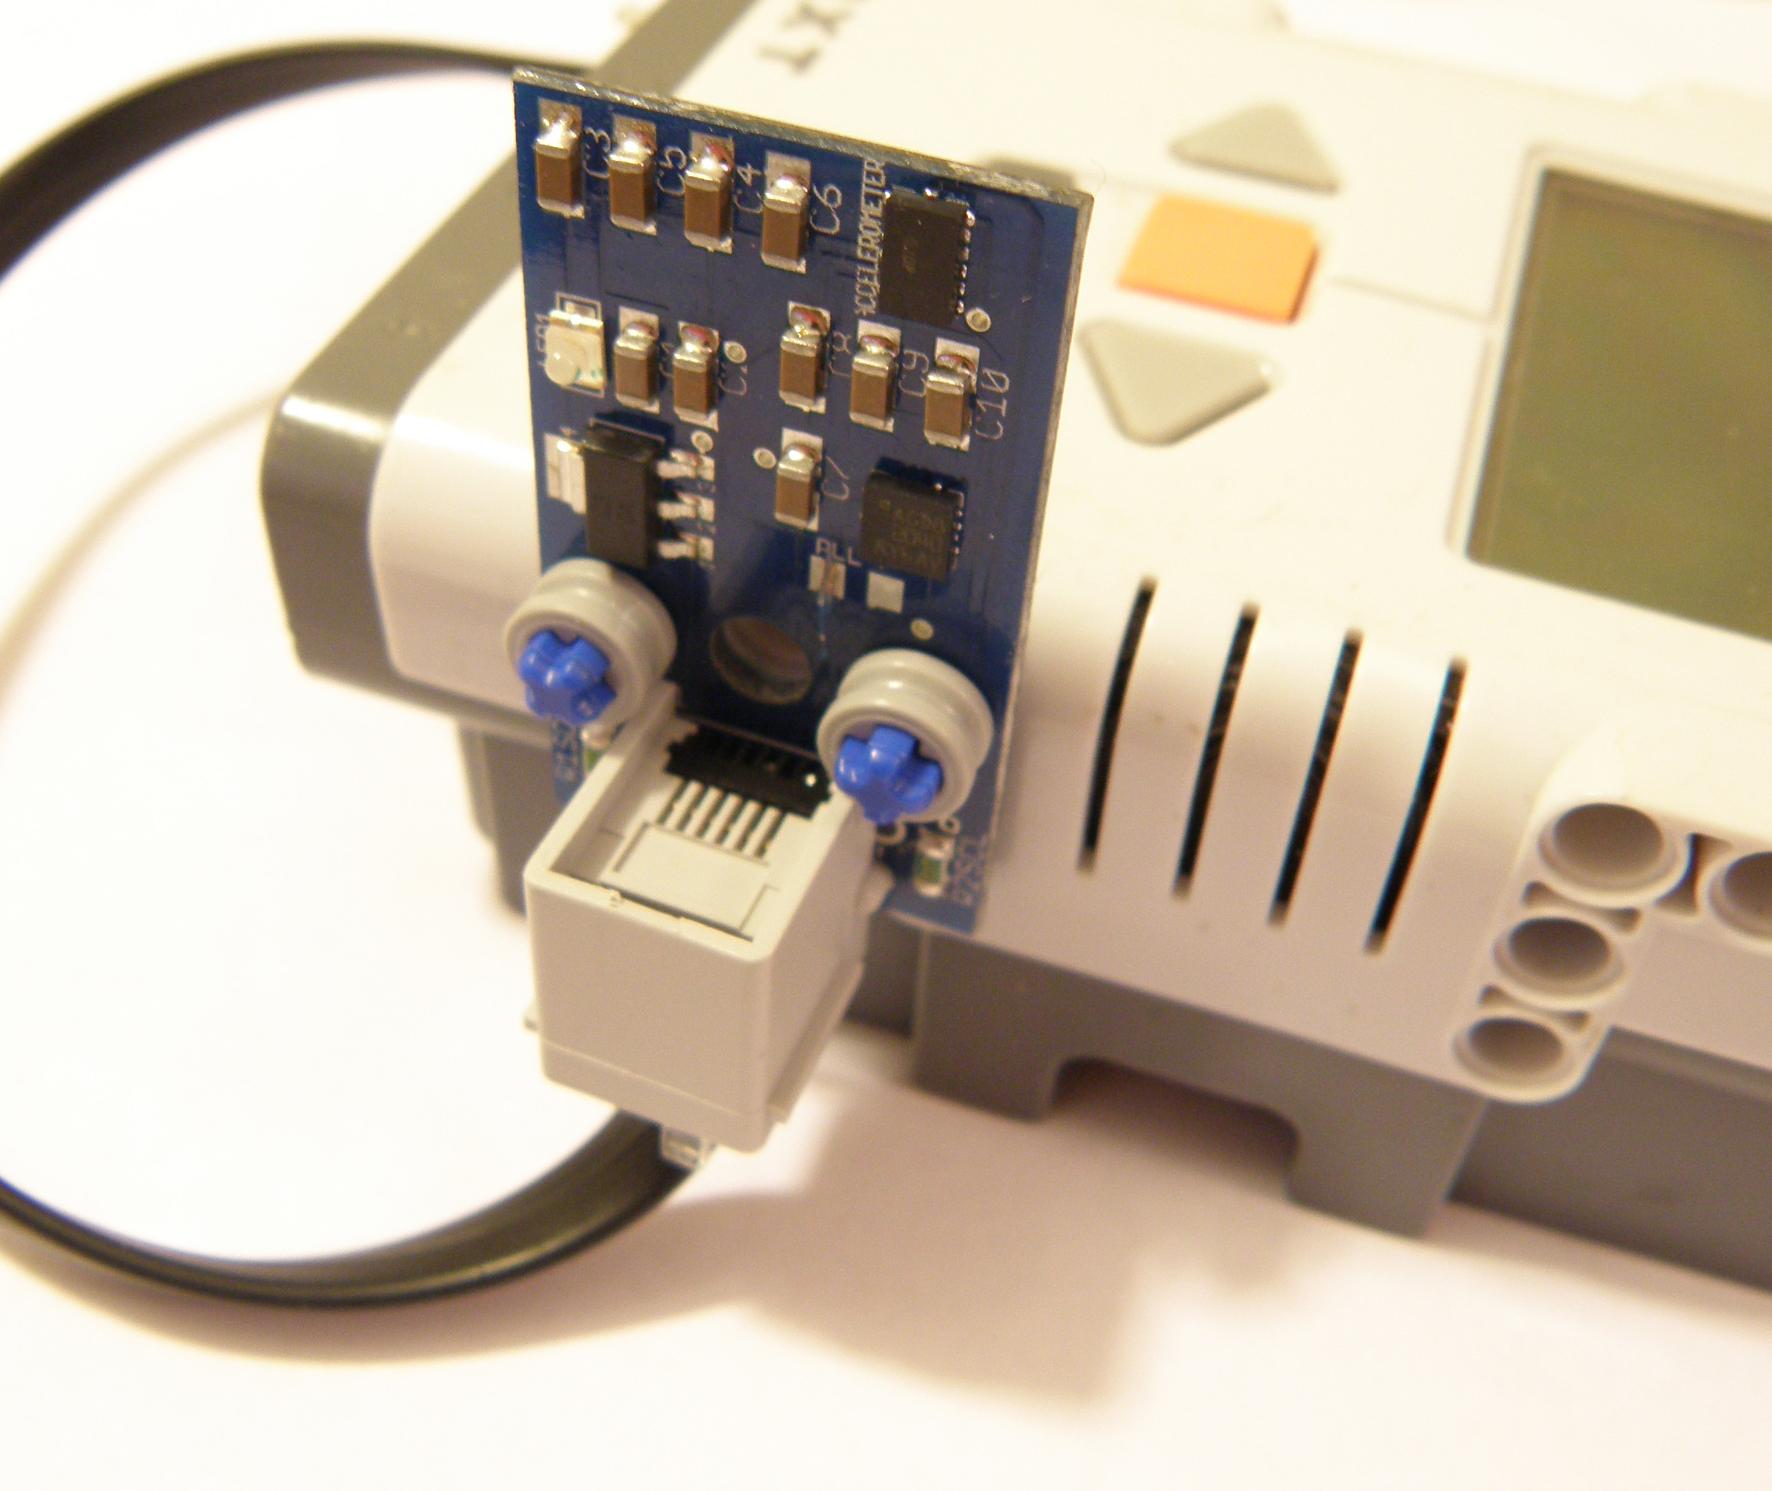 dIMU: Inertial Motion Sensor LEGO MINDSTORMS NXT EV3